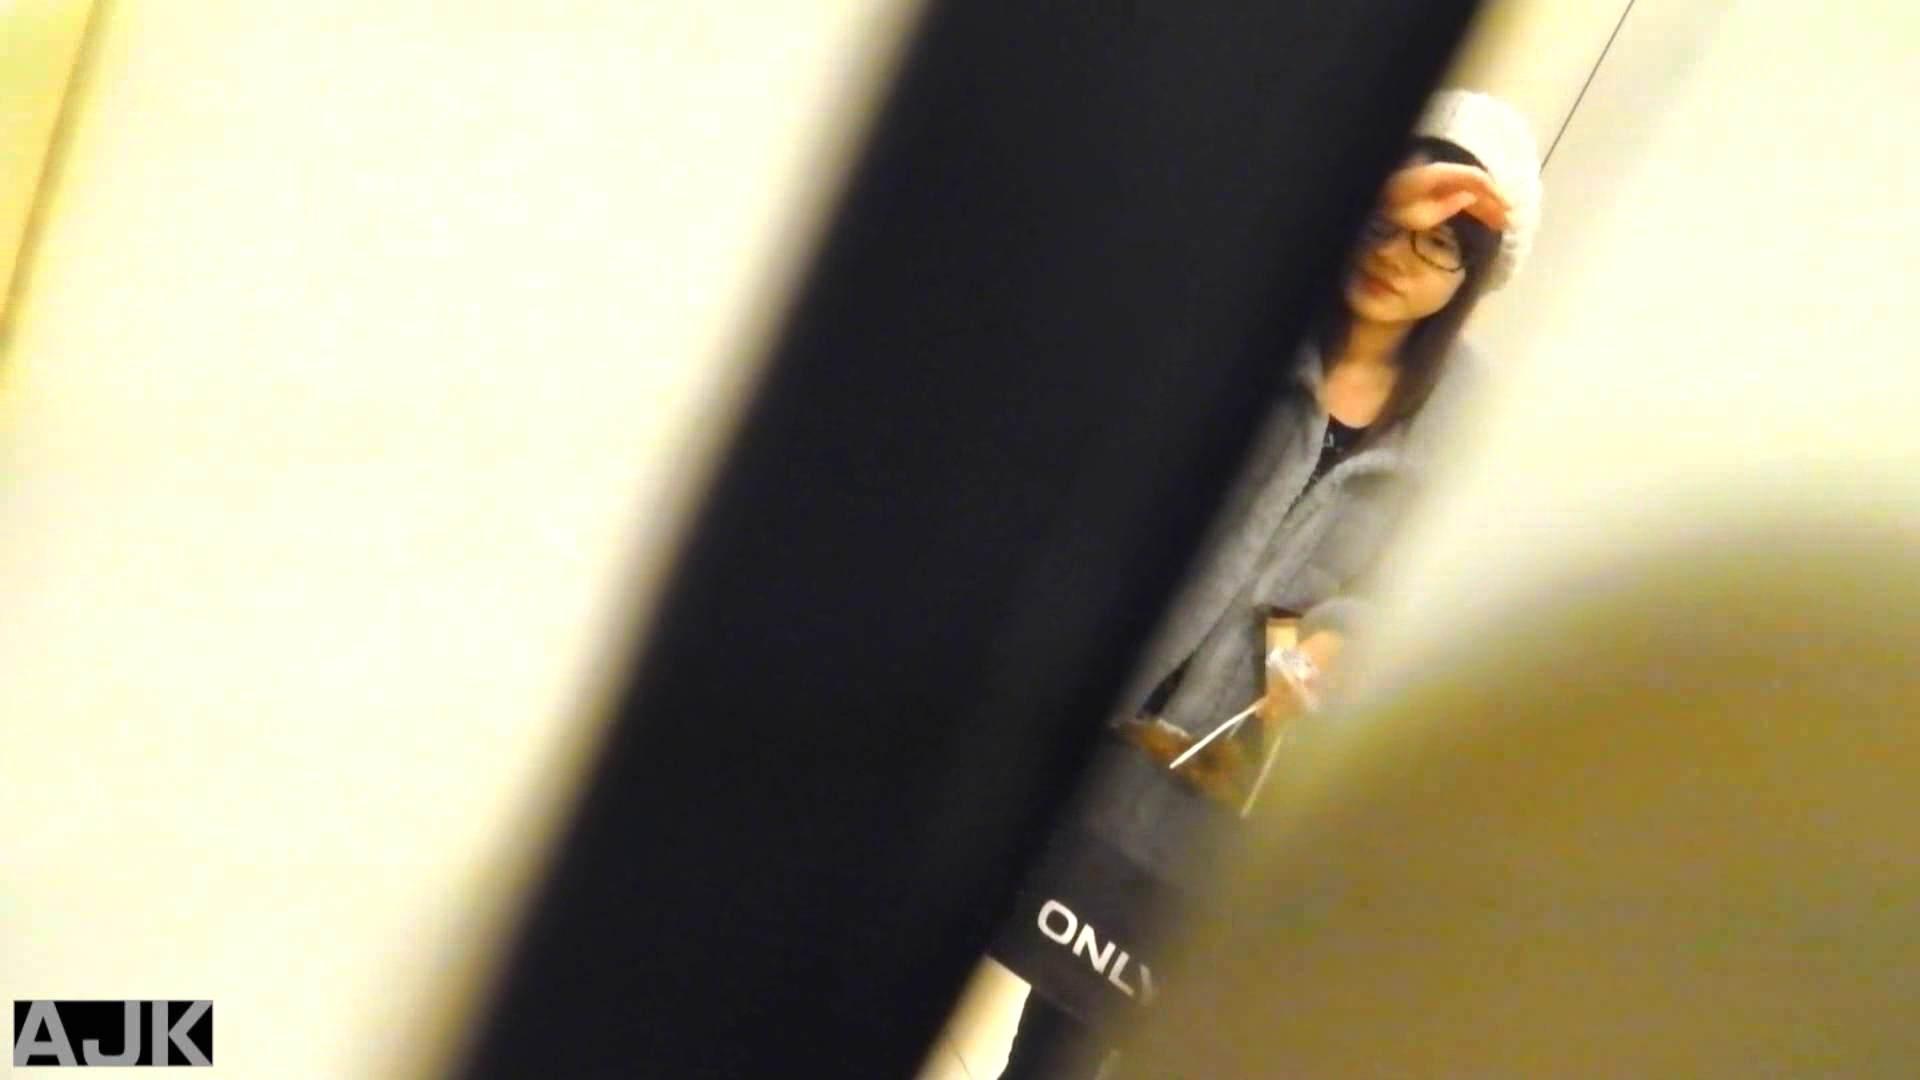 神降臨!史上最強の潜入かわや! vol.02 美女丸裸 オマンコ動画キャプチャ 103pic 61